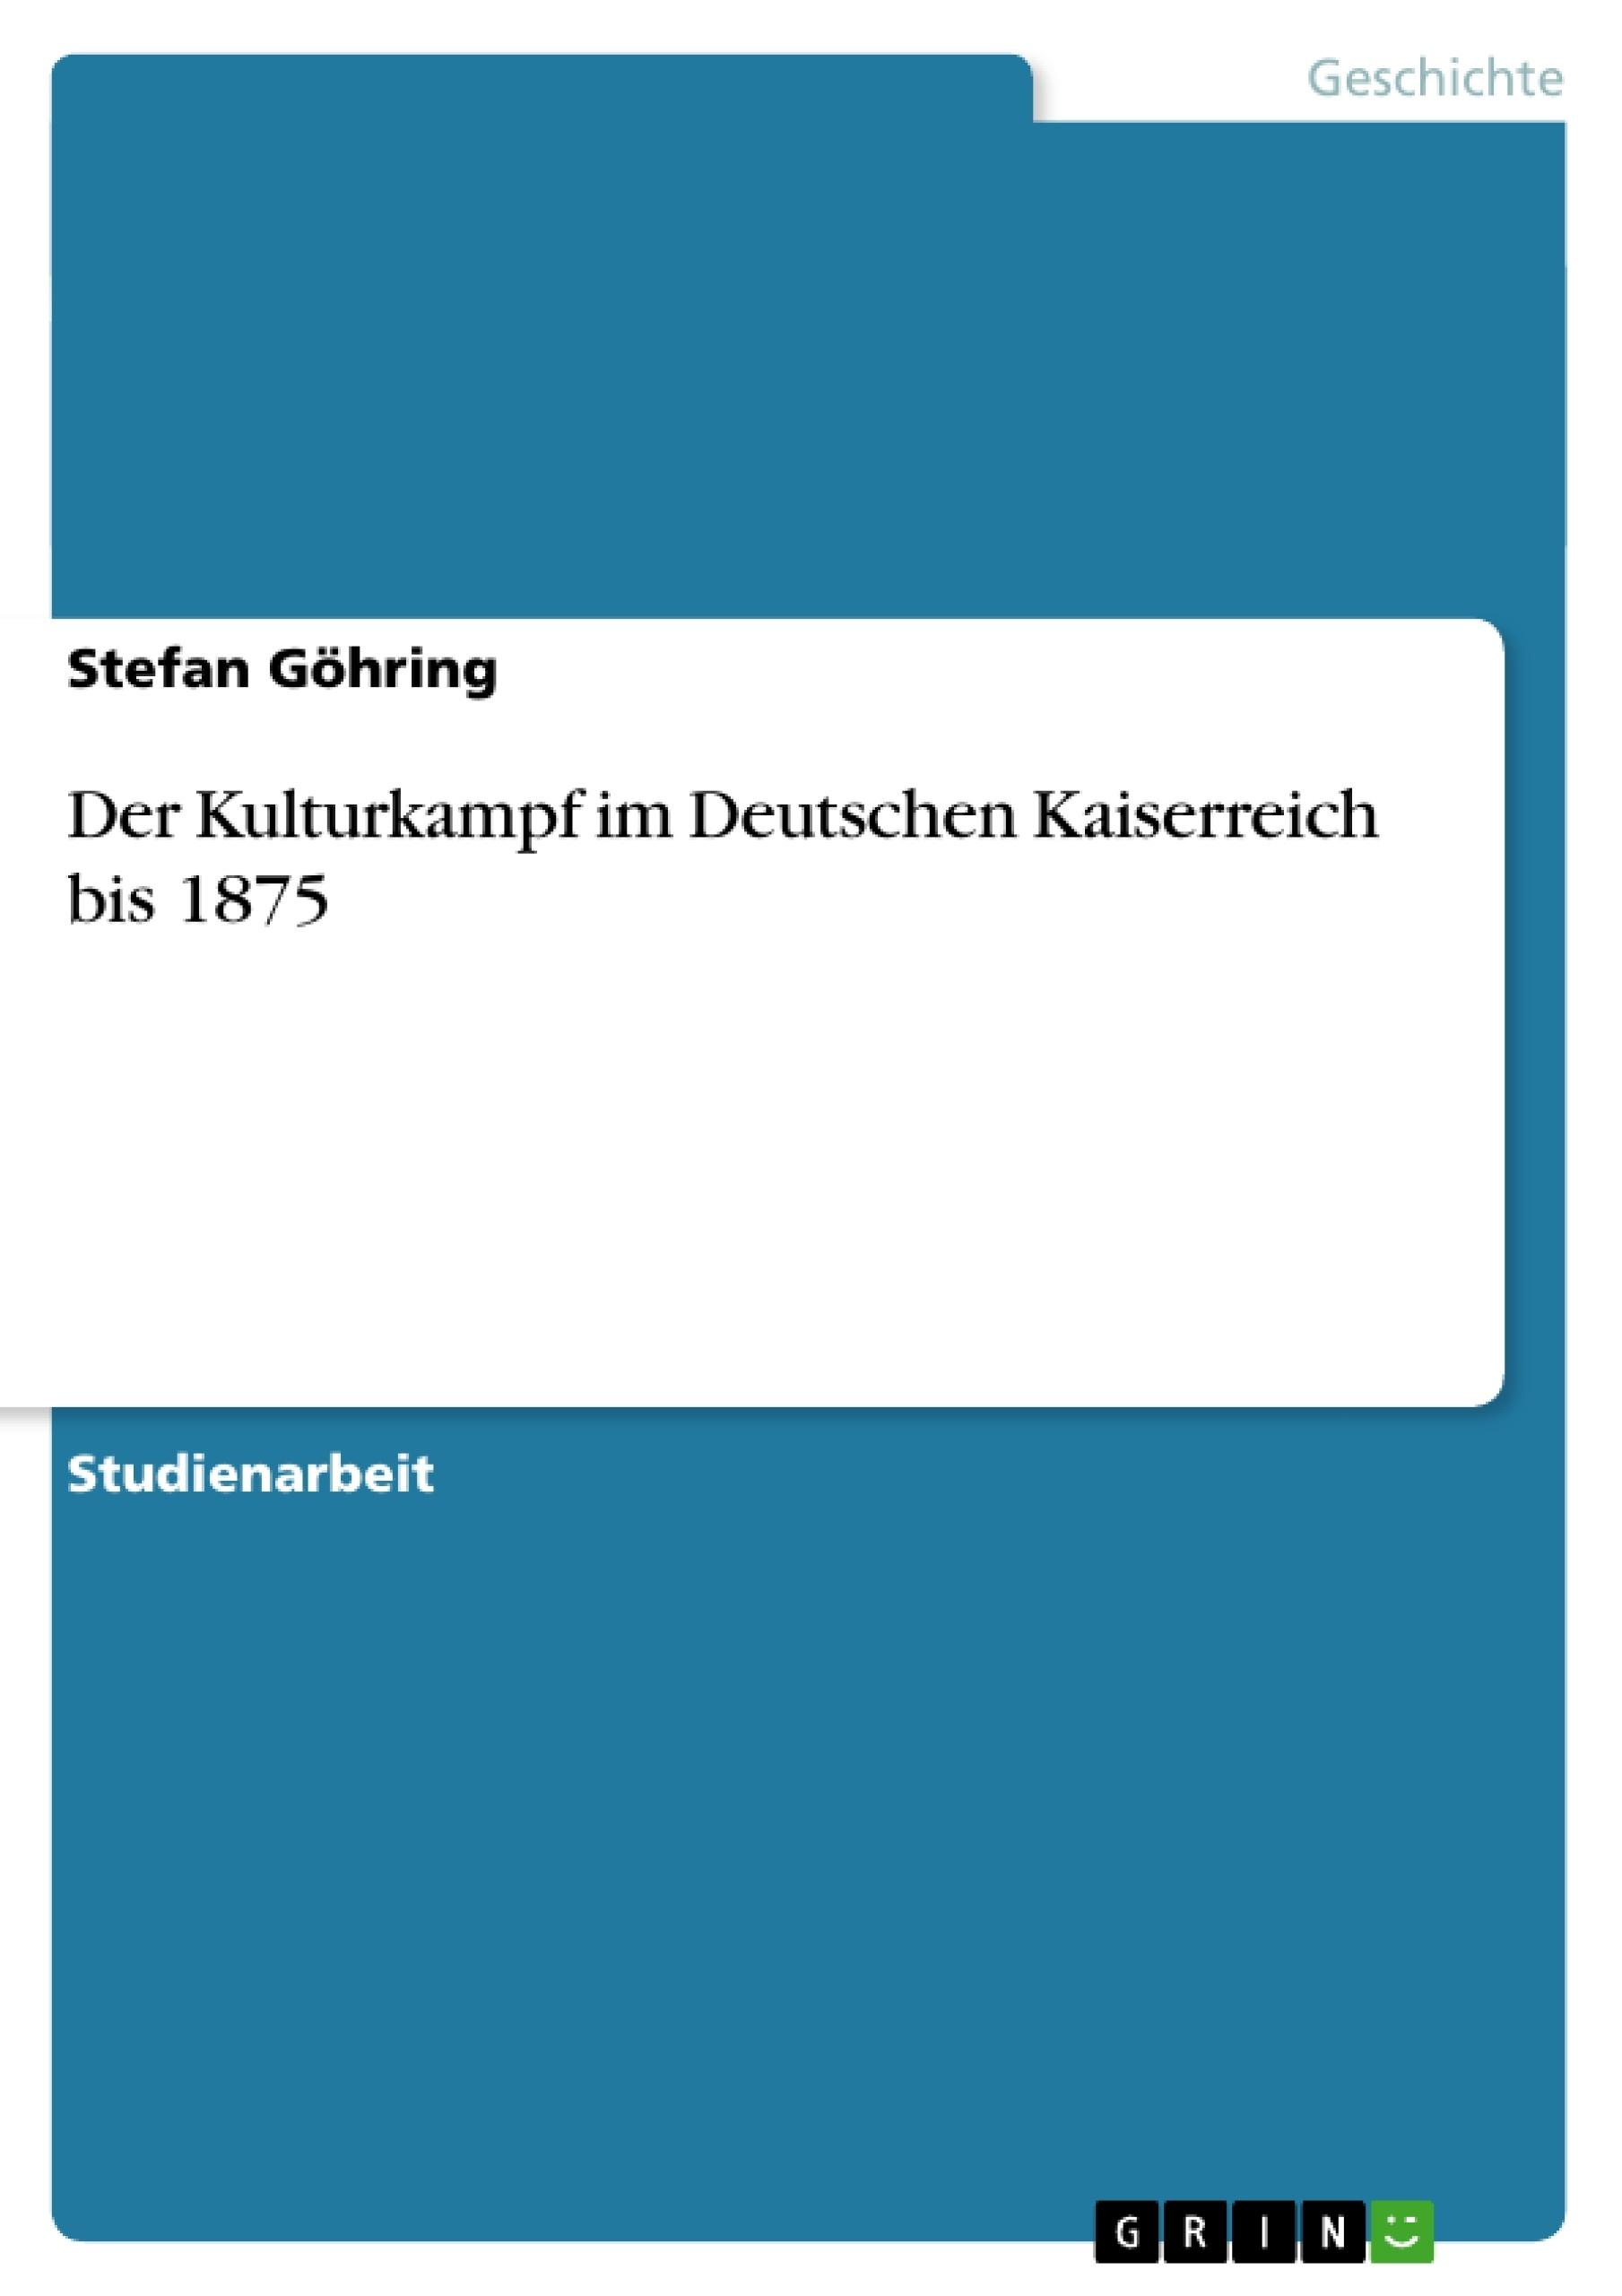 Titel: Der Kulturkampf im Deutschen Kaiserreich bis 1875